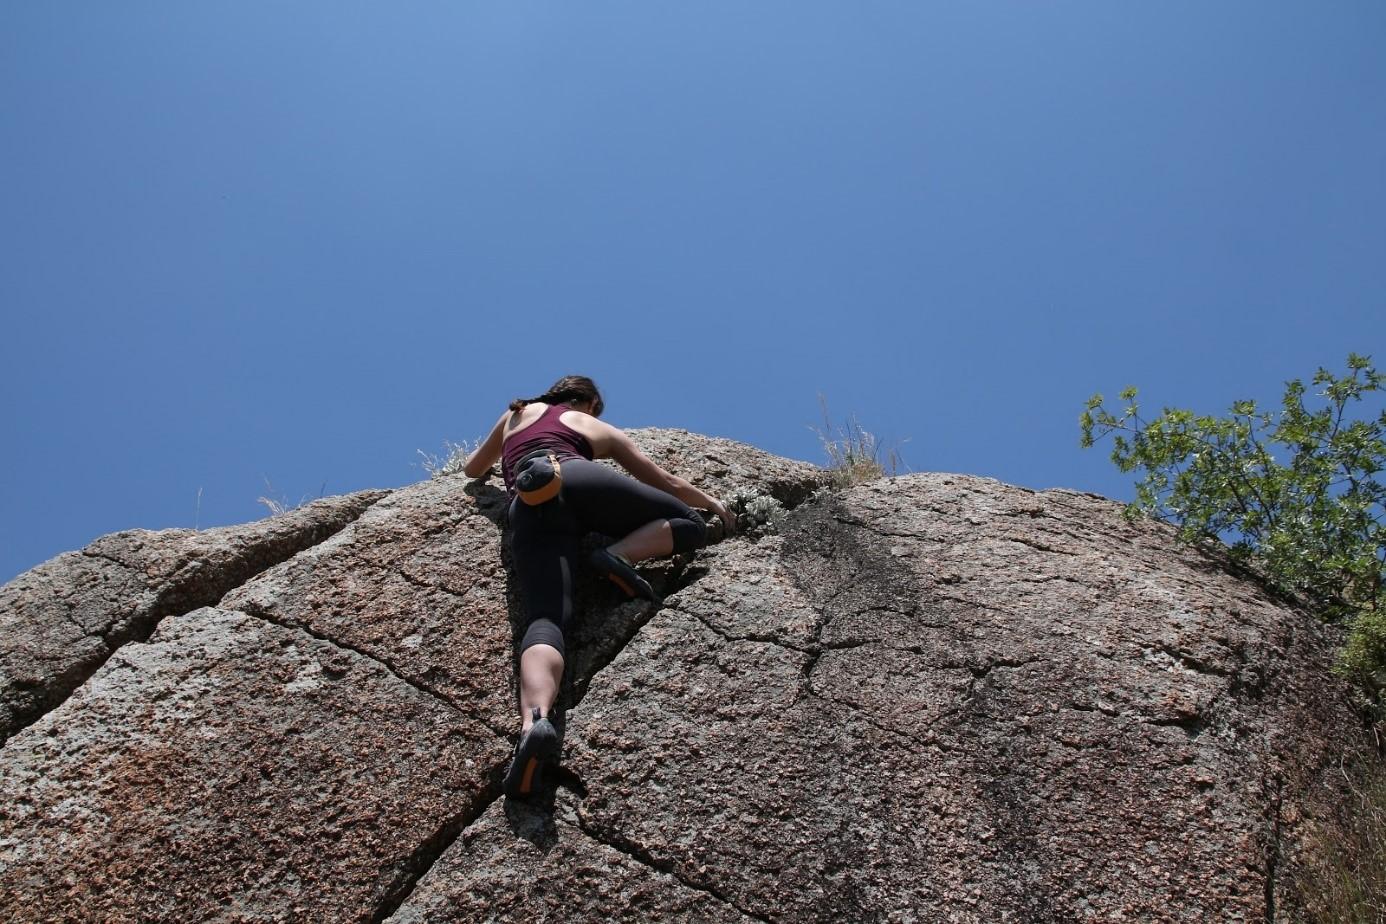 bafa gölü kaya tırmanışı bouldering nursen yılmaz